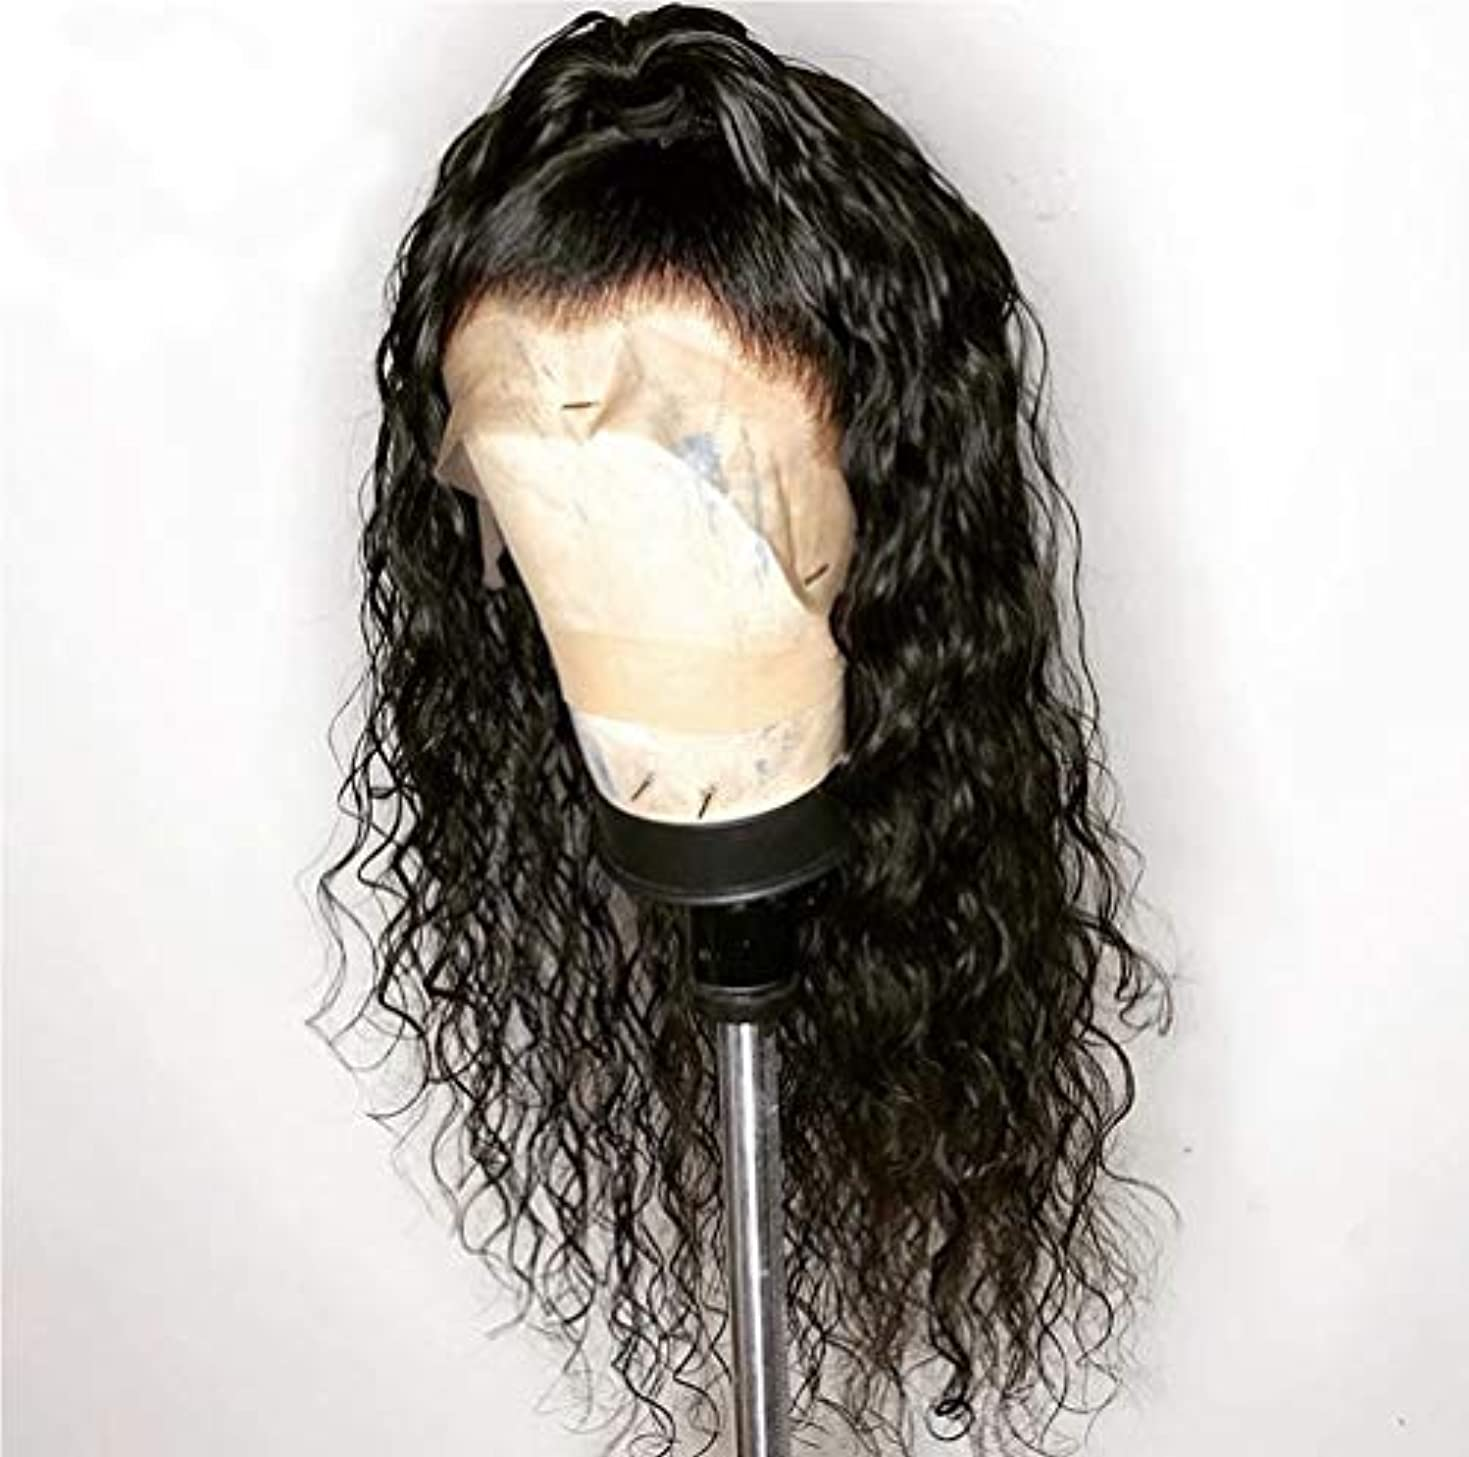 彼女自身鼓舞する友だち女性150%密度フロントレースかつらカーリーウェーブブラジルバージンヘアレースフロントかつら摘み取られたヘアラインレミーの髪グルーレス